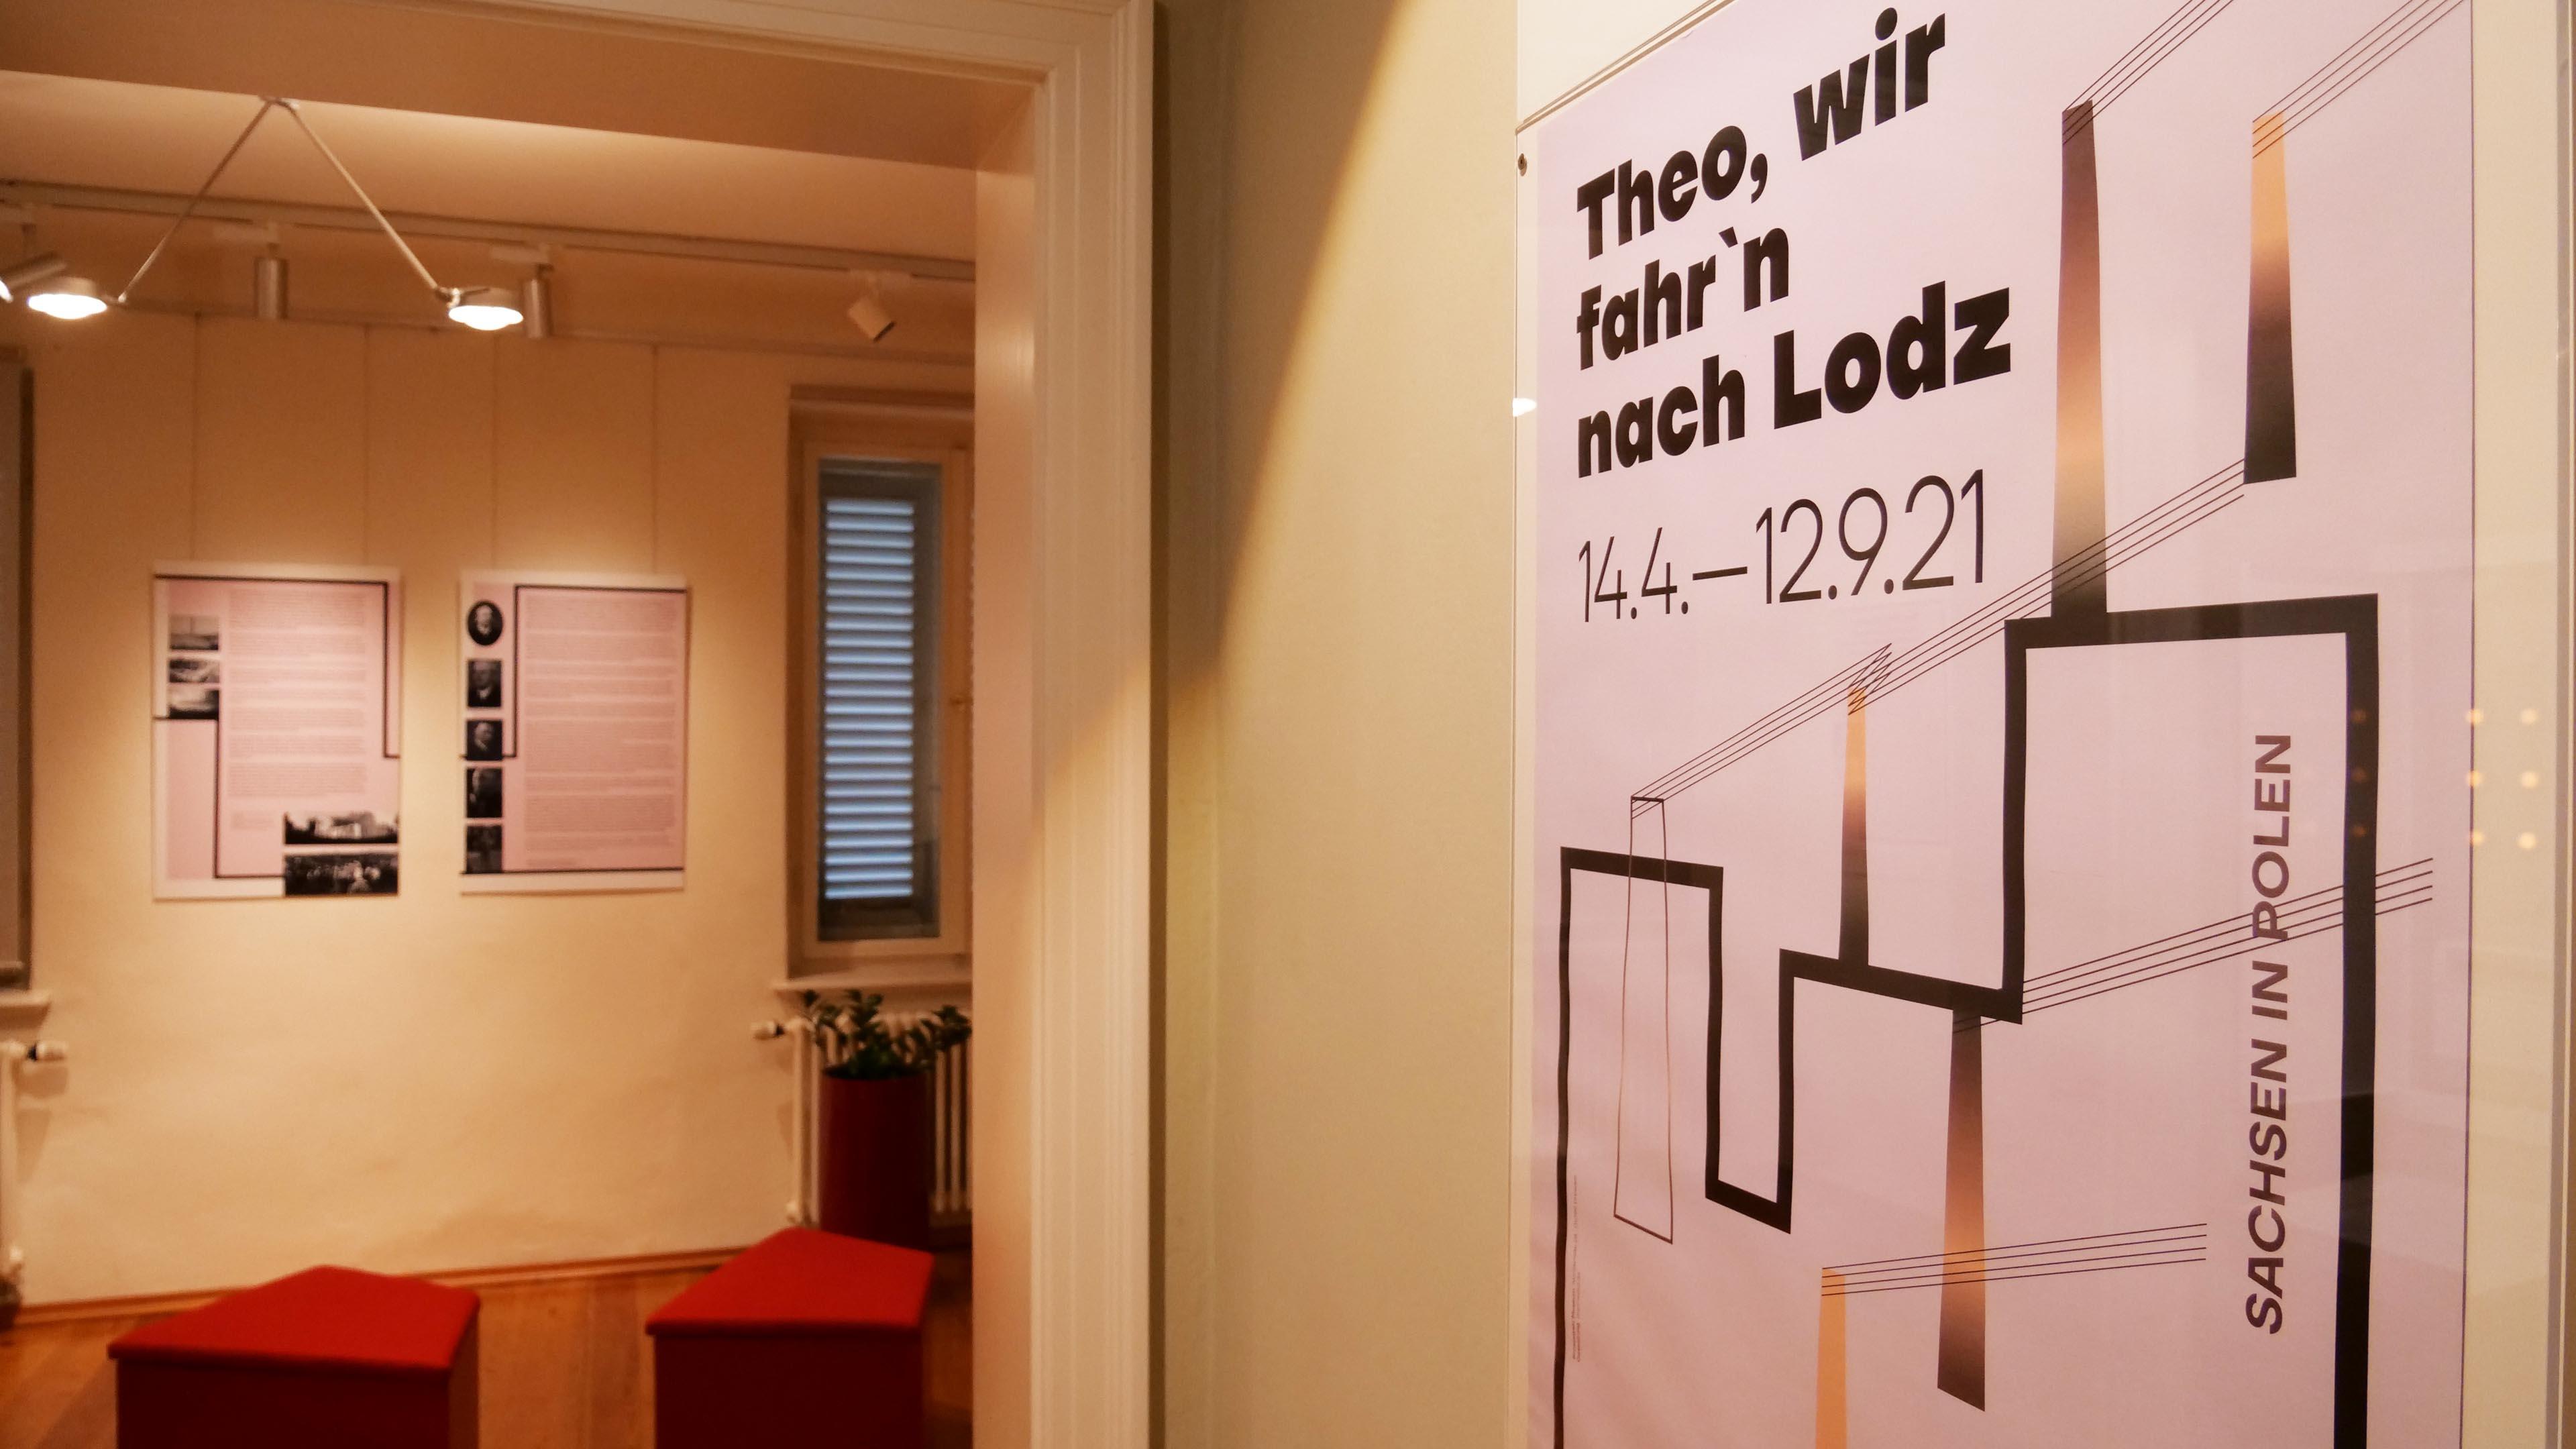 Eingangsbereich der Ausstellung mit Plakat im Vordergrund